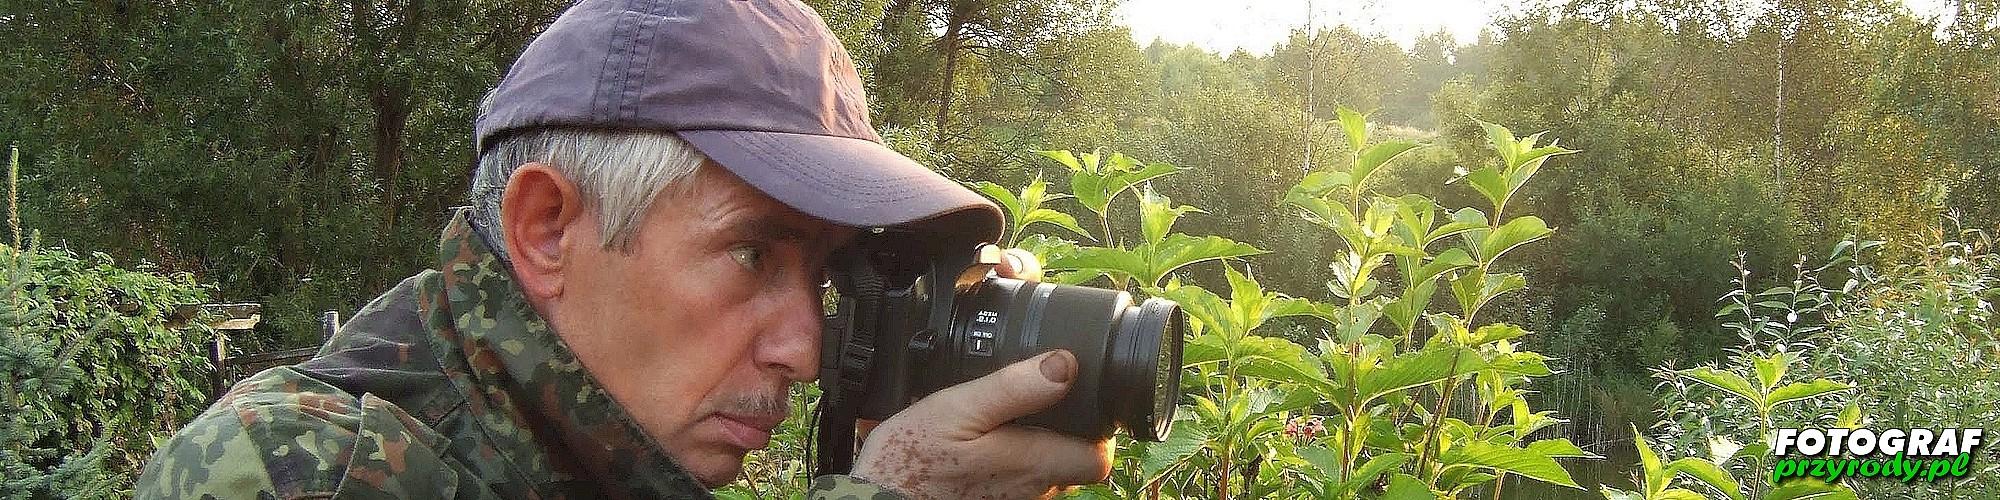 fotograf przyrody